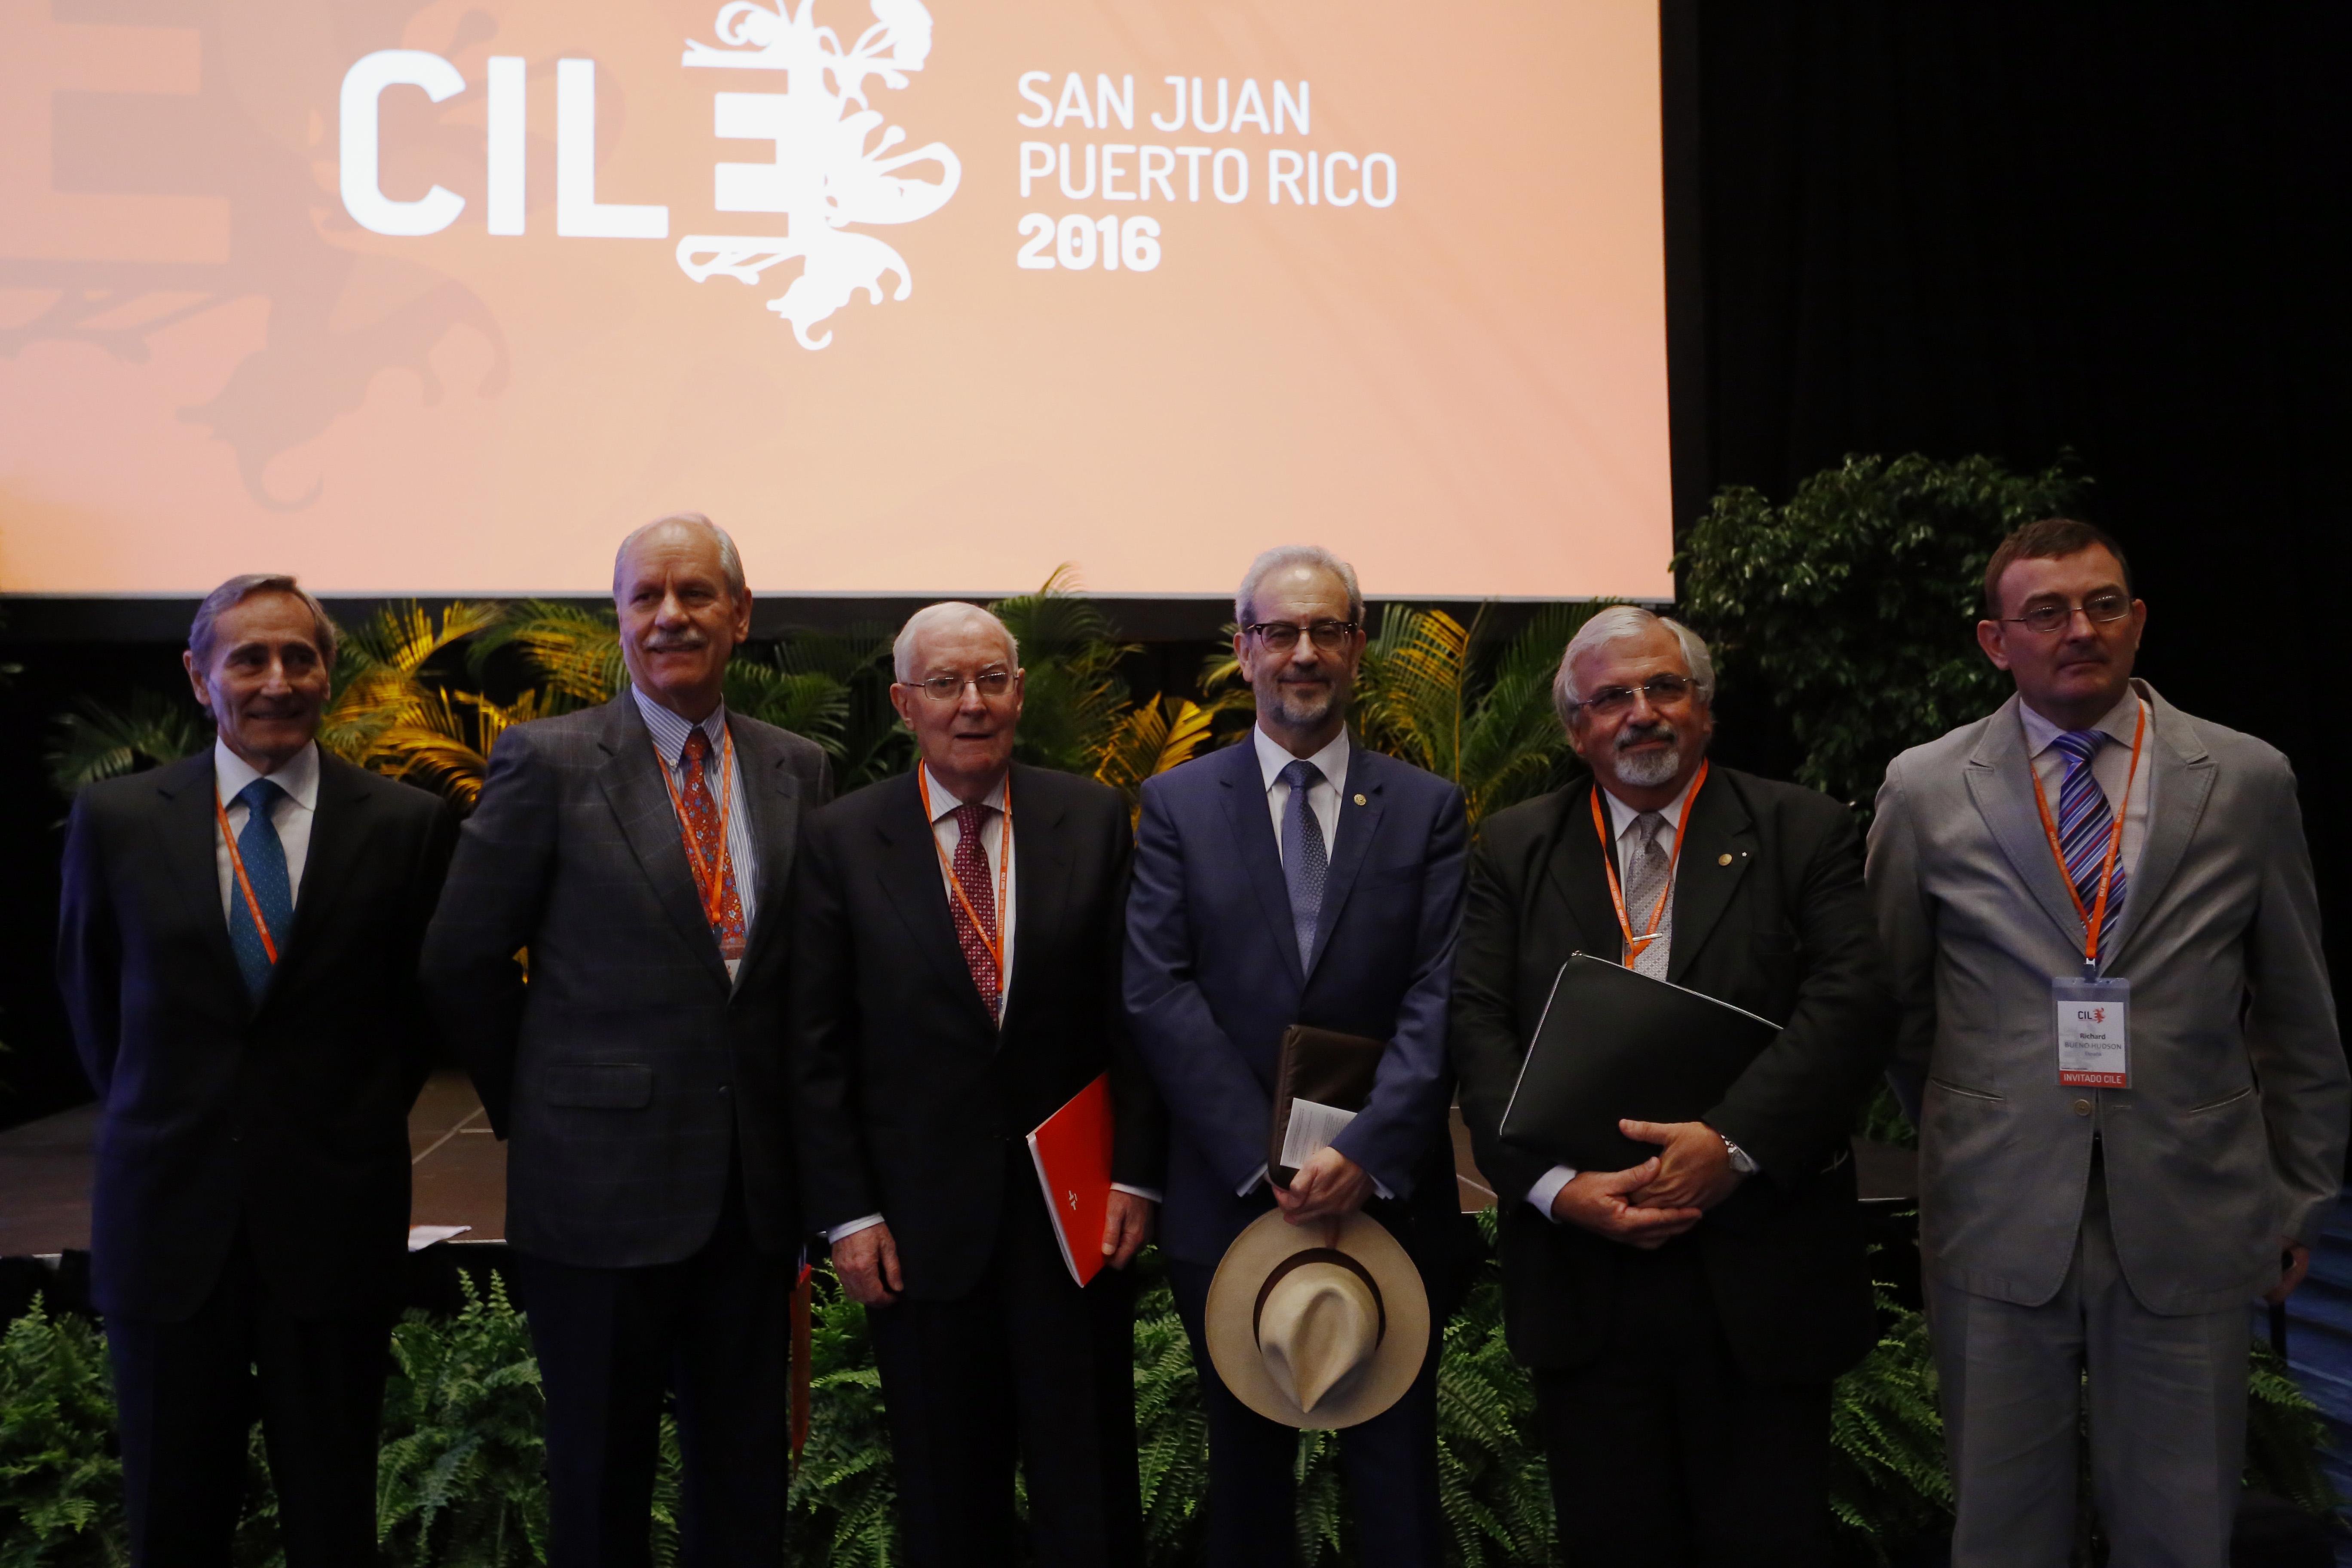 El rector de la Universidad de Salamanca presenta en Puerto Rico el nuevo certificado electrónico de español